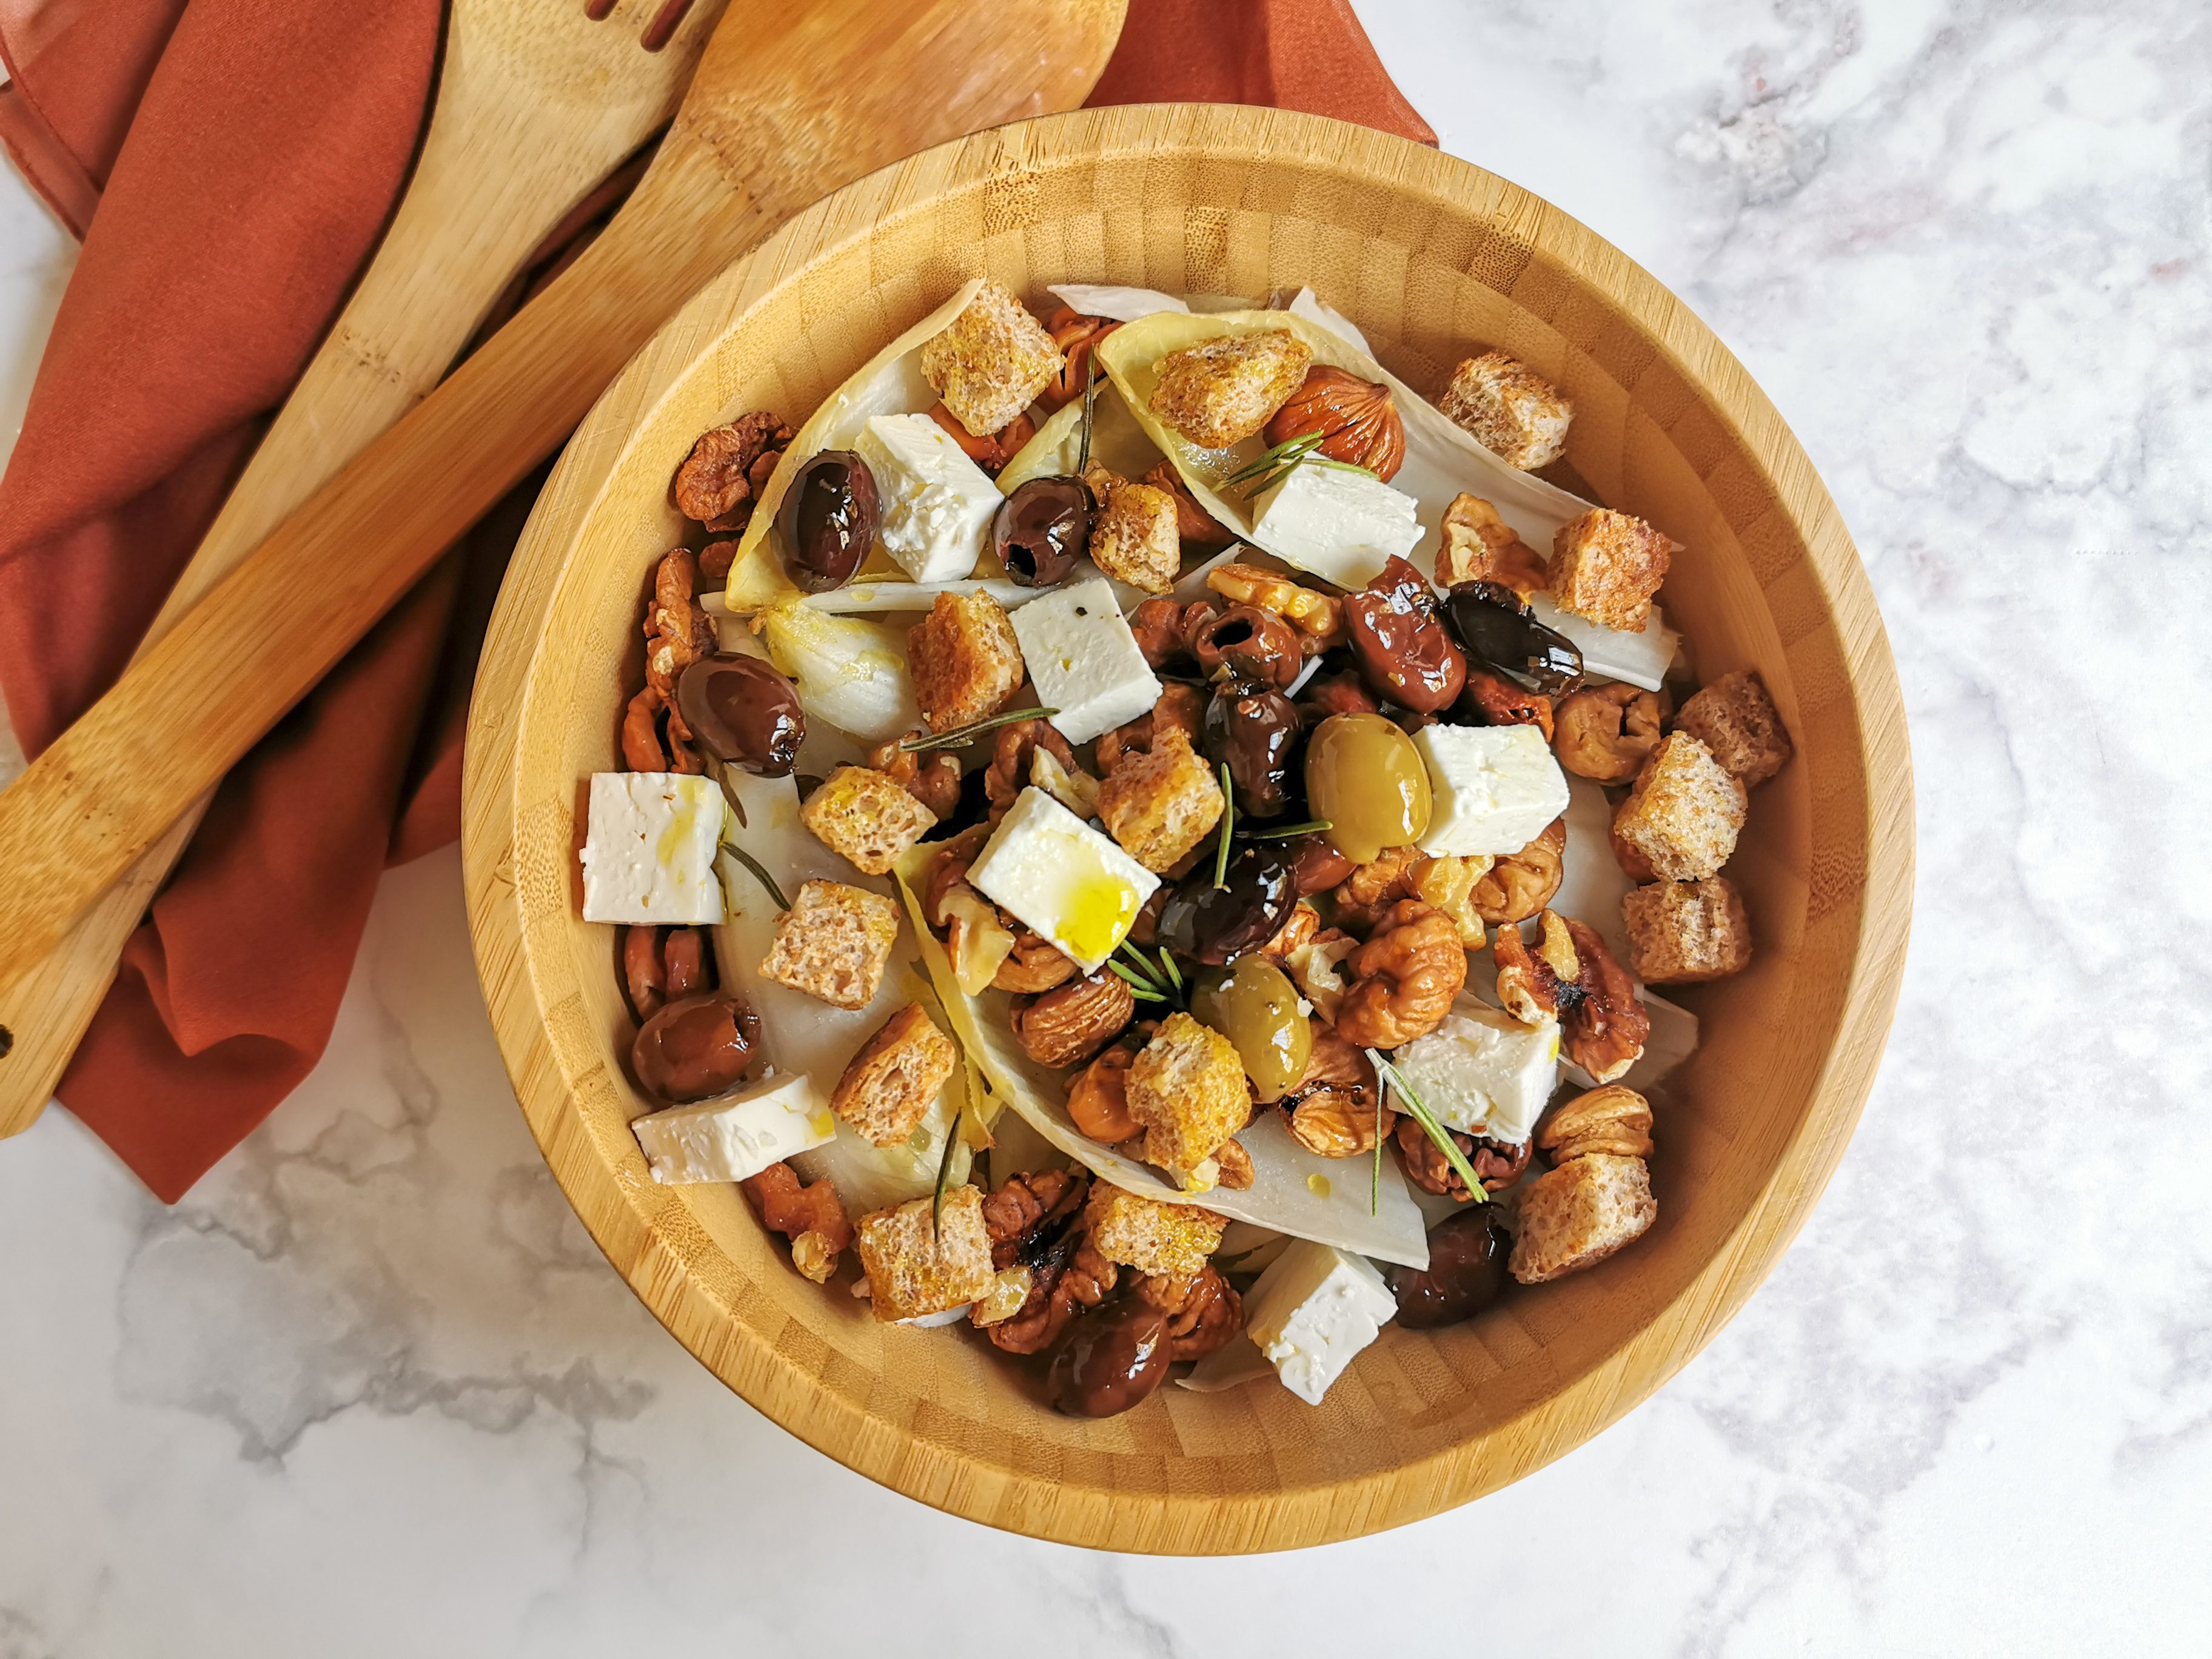 Insalata di castagne: la ricetta del piatto simbolo dell'autunno